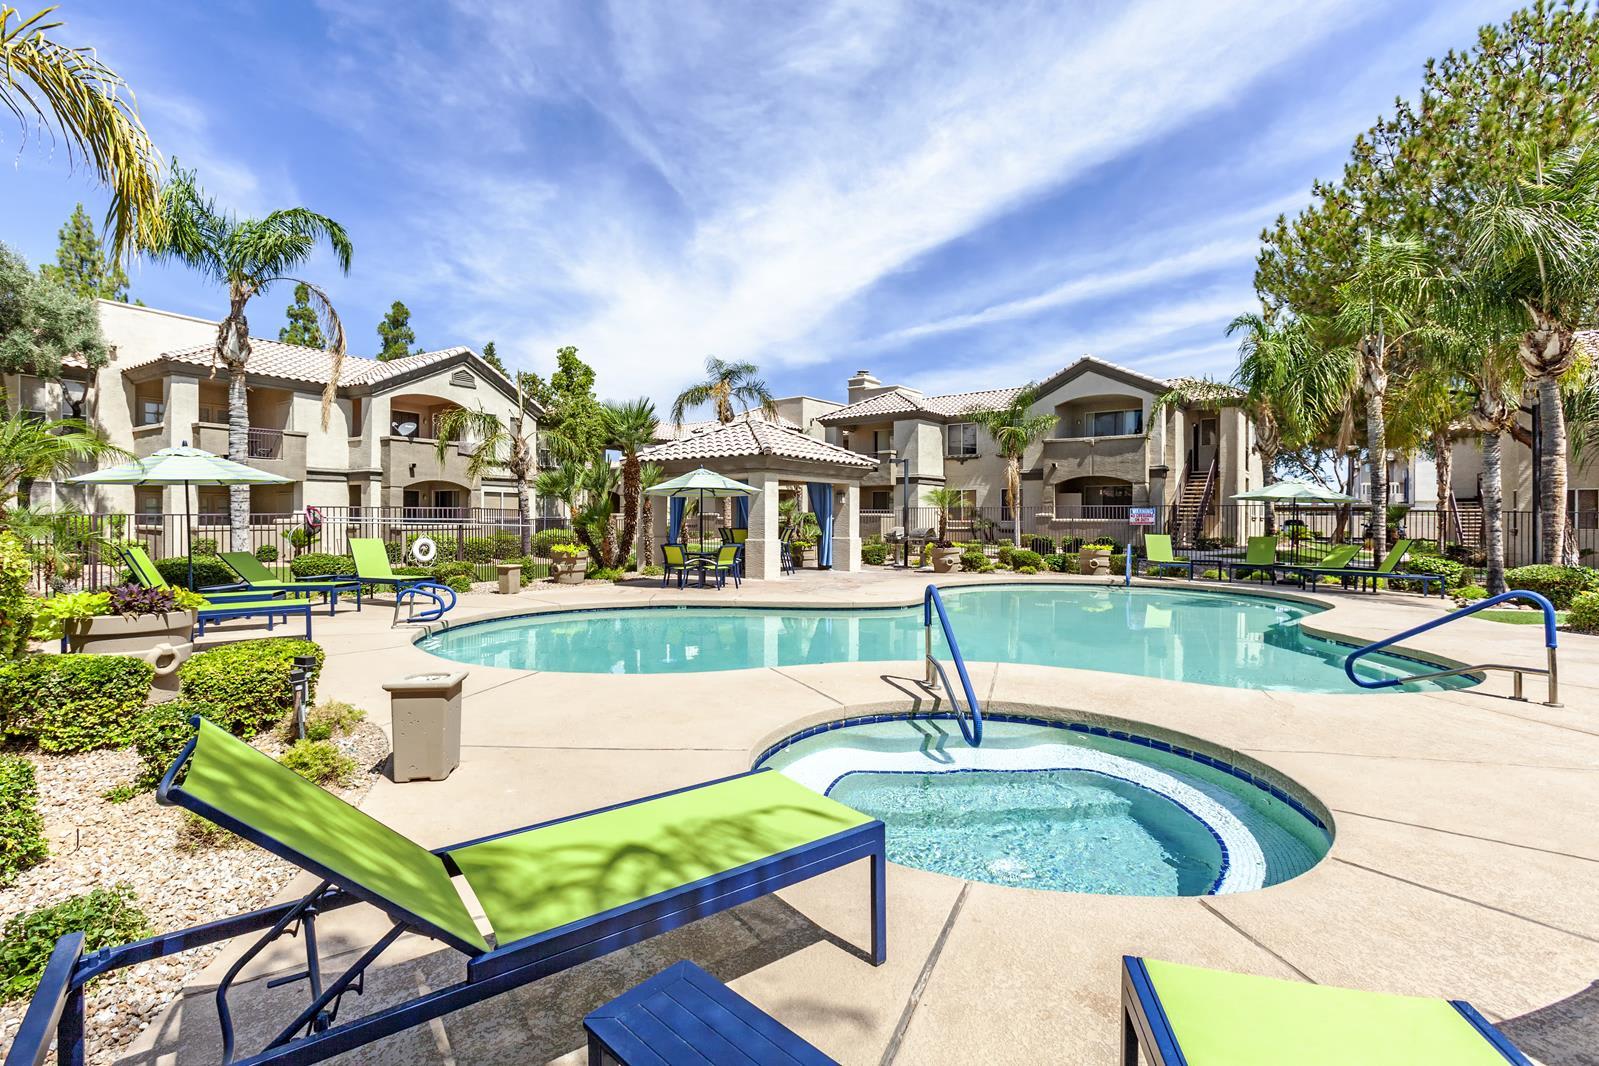 Hot Tub And Swimming Pool at Lumiere Chandler Condos, Chandler, AZ